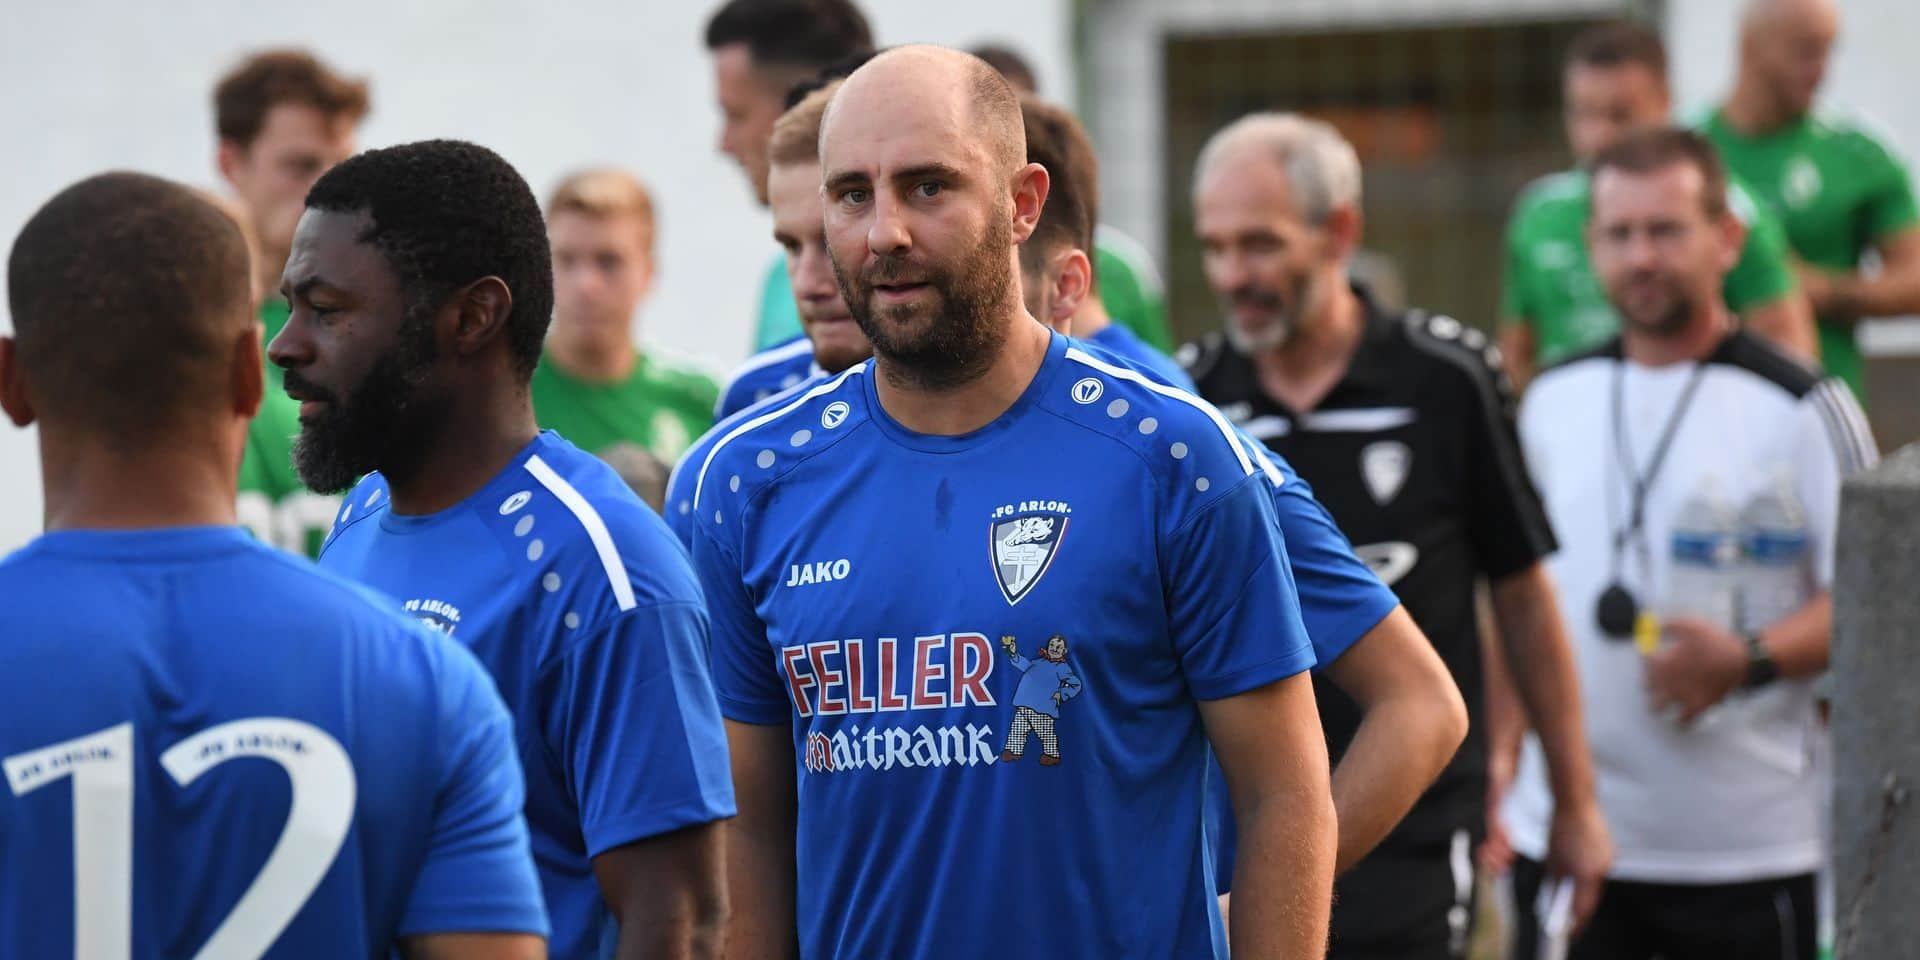 Deux joueurs d'Arlon (P1) privés d'entraînement en raison du couvre-feu en… France